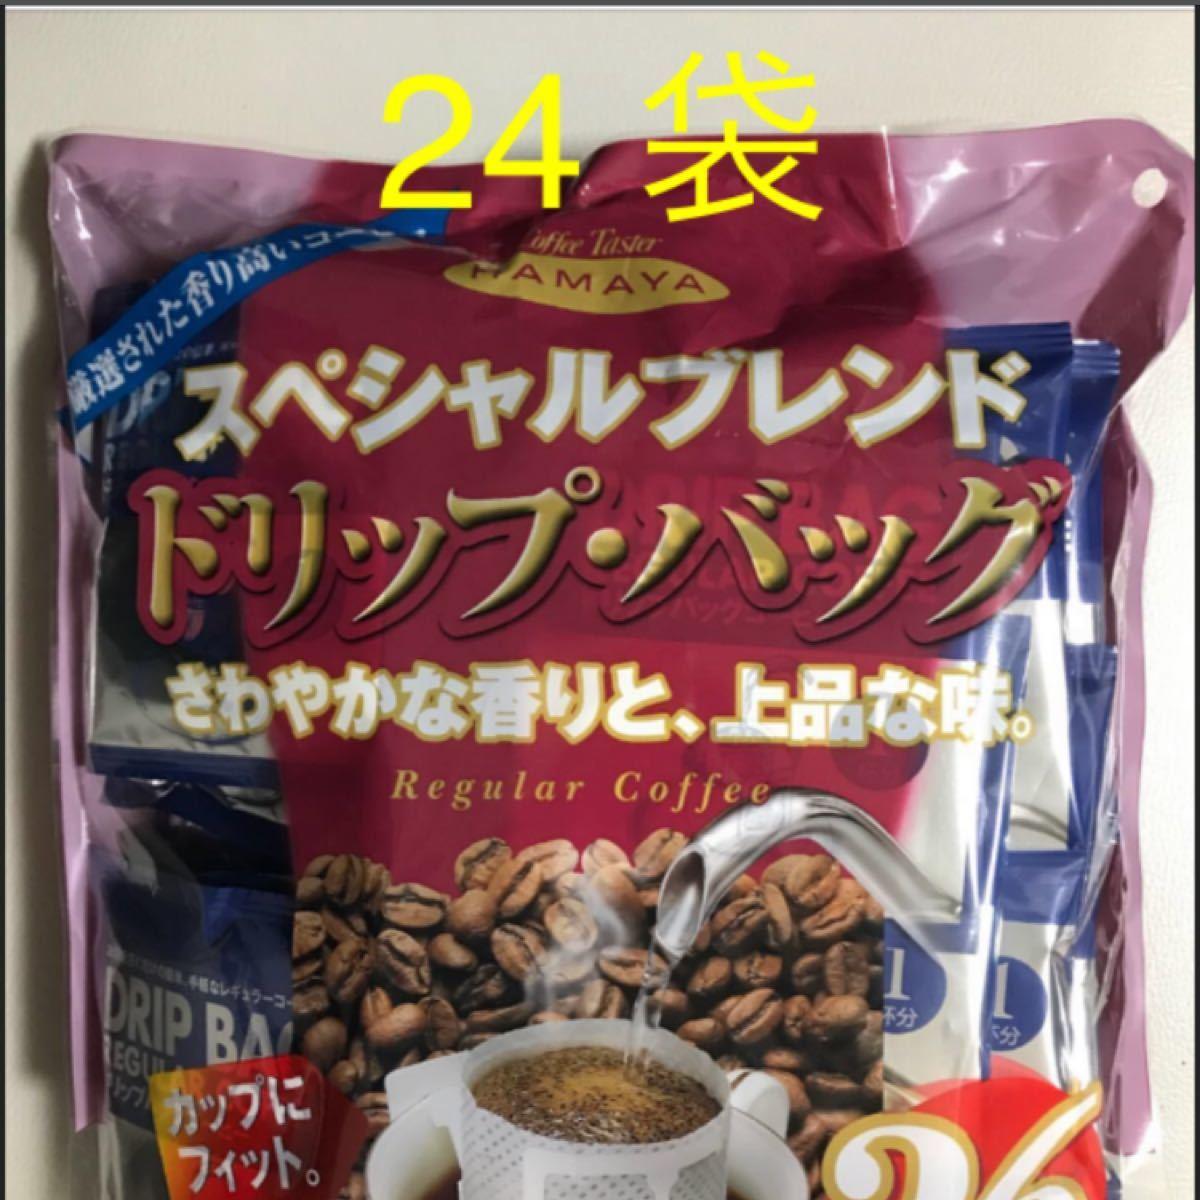 ハマヤ ドリップ コーヒー スペシャルブレンド ドリップバッグ  24杯分